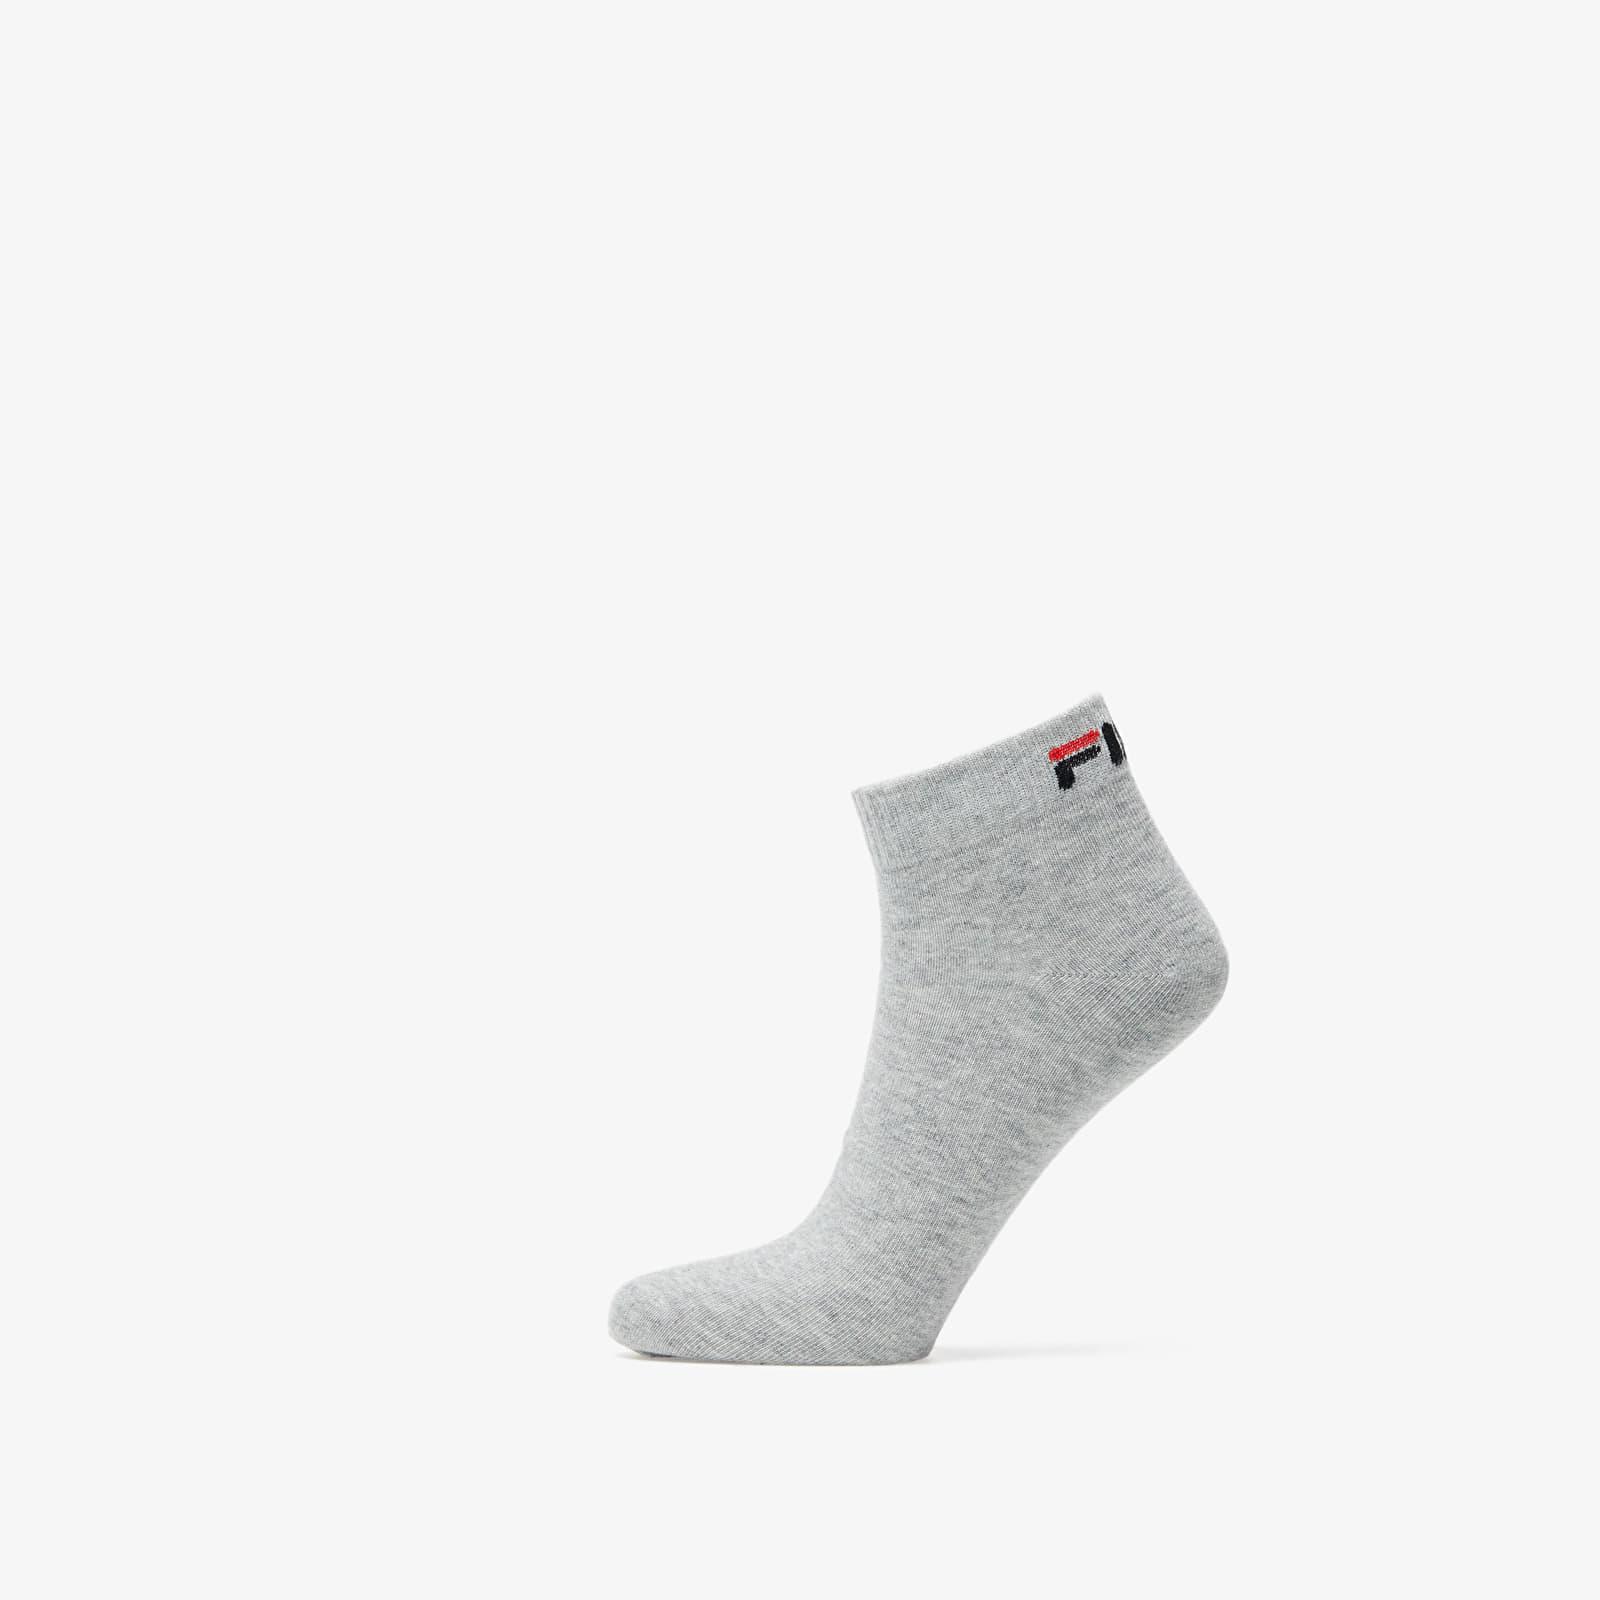 Socken FILA Calza Socks White/ Grey/ Black